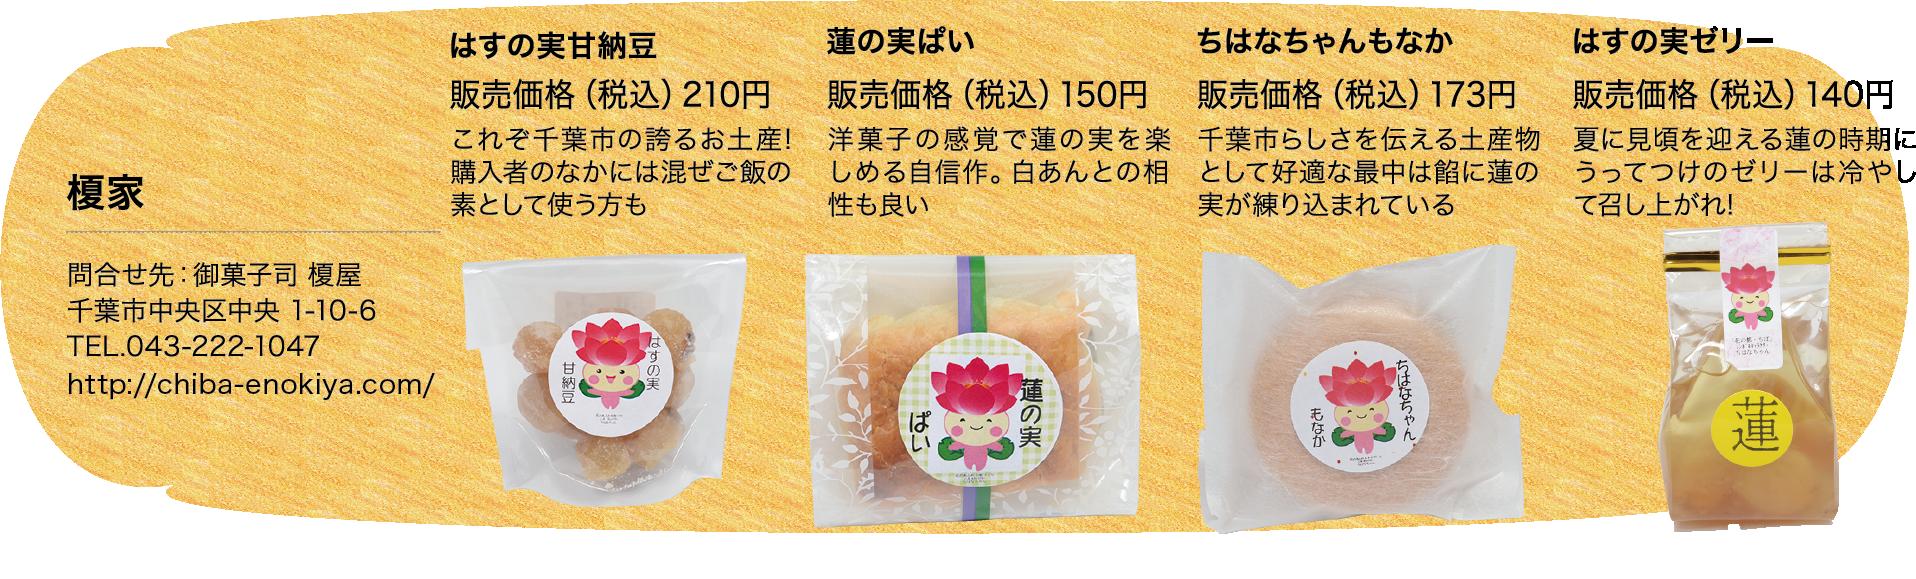 お土産情報010